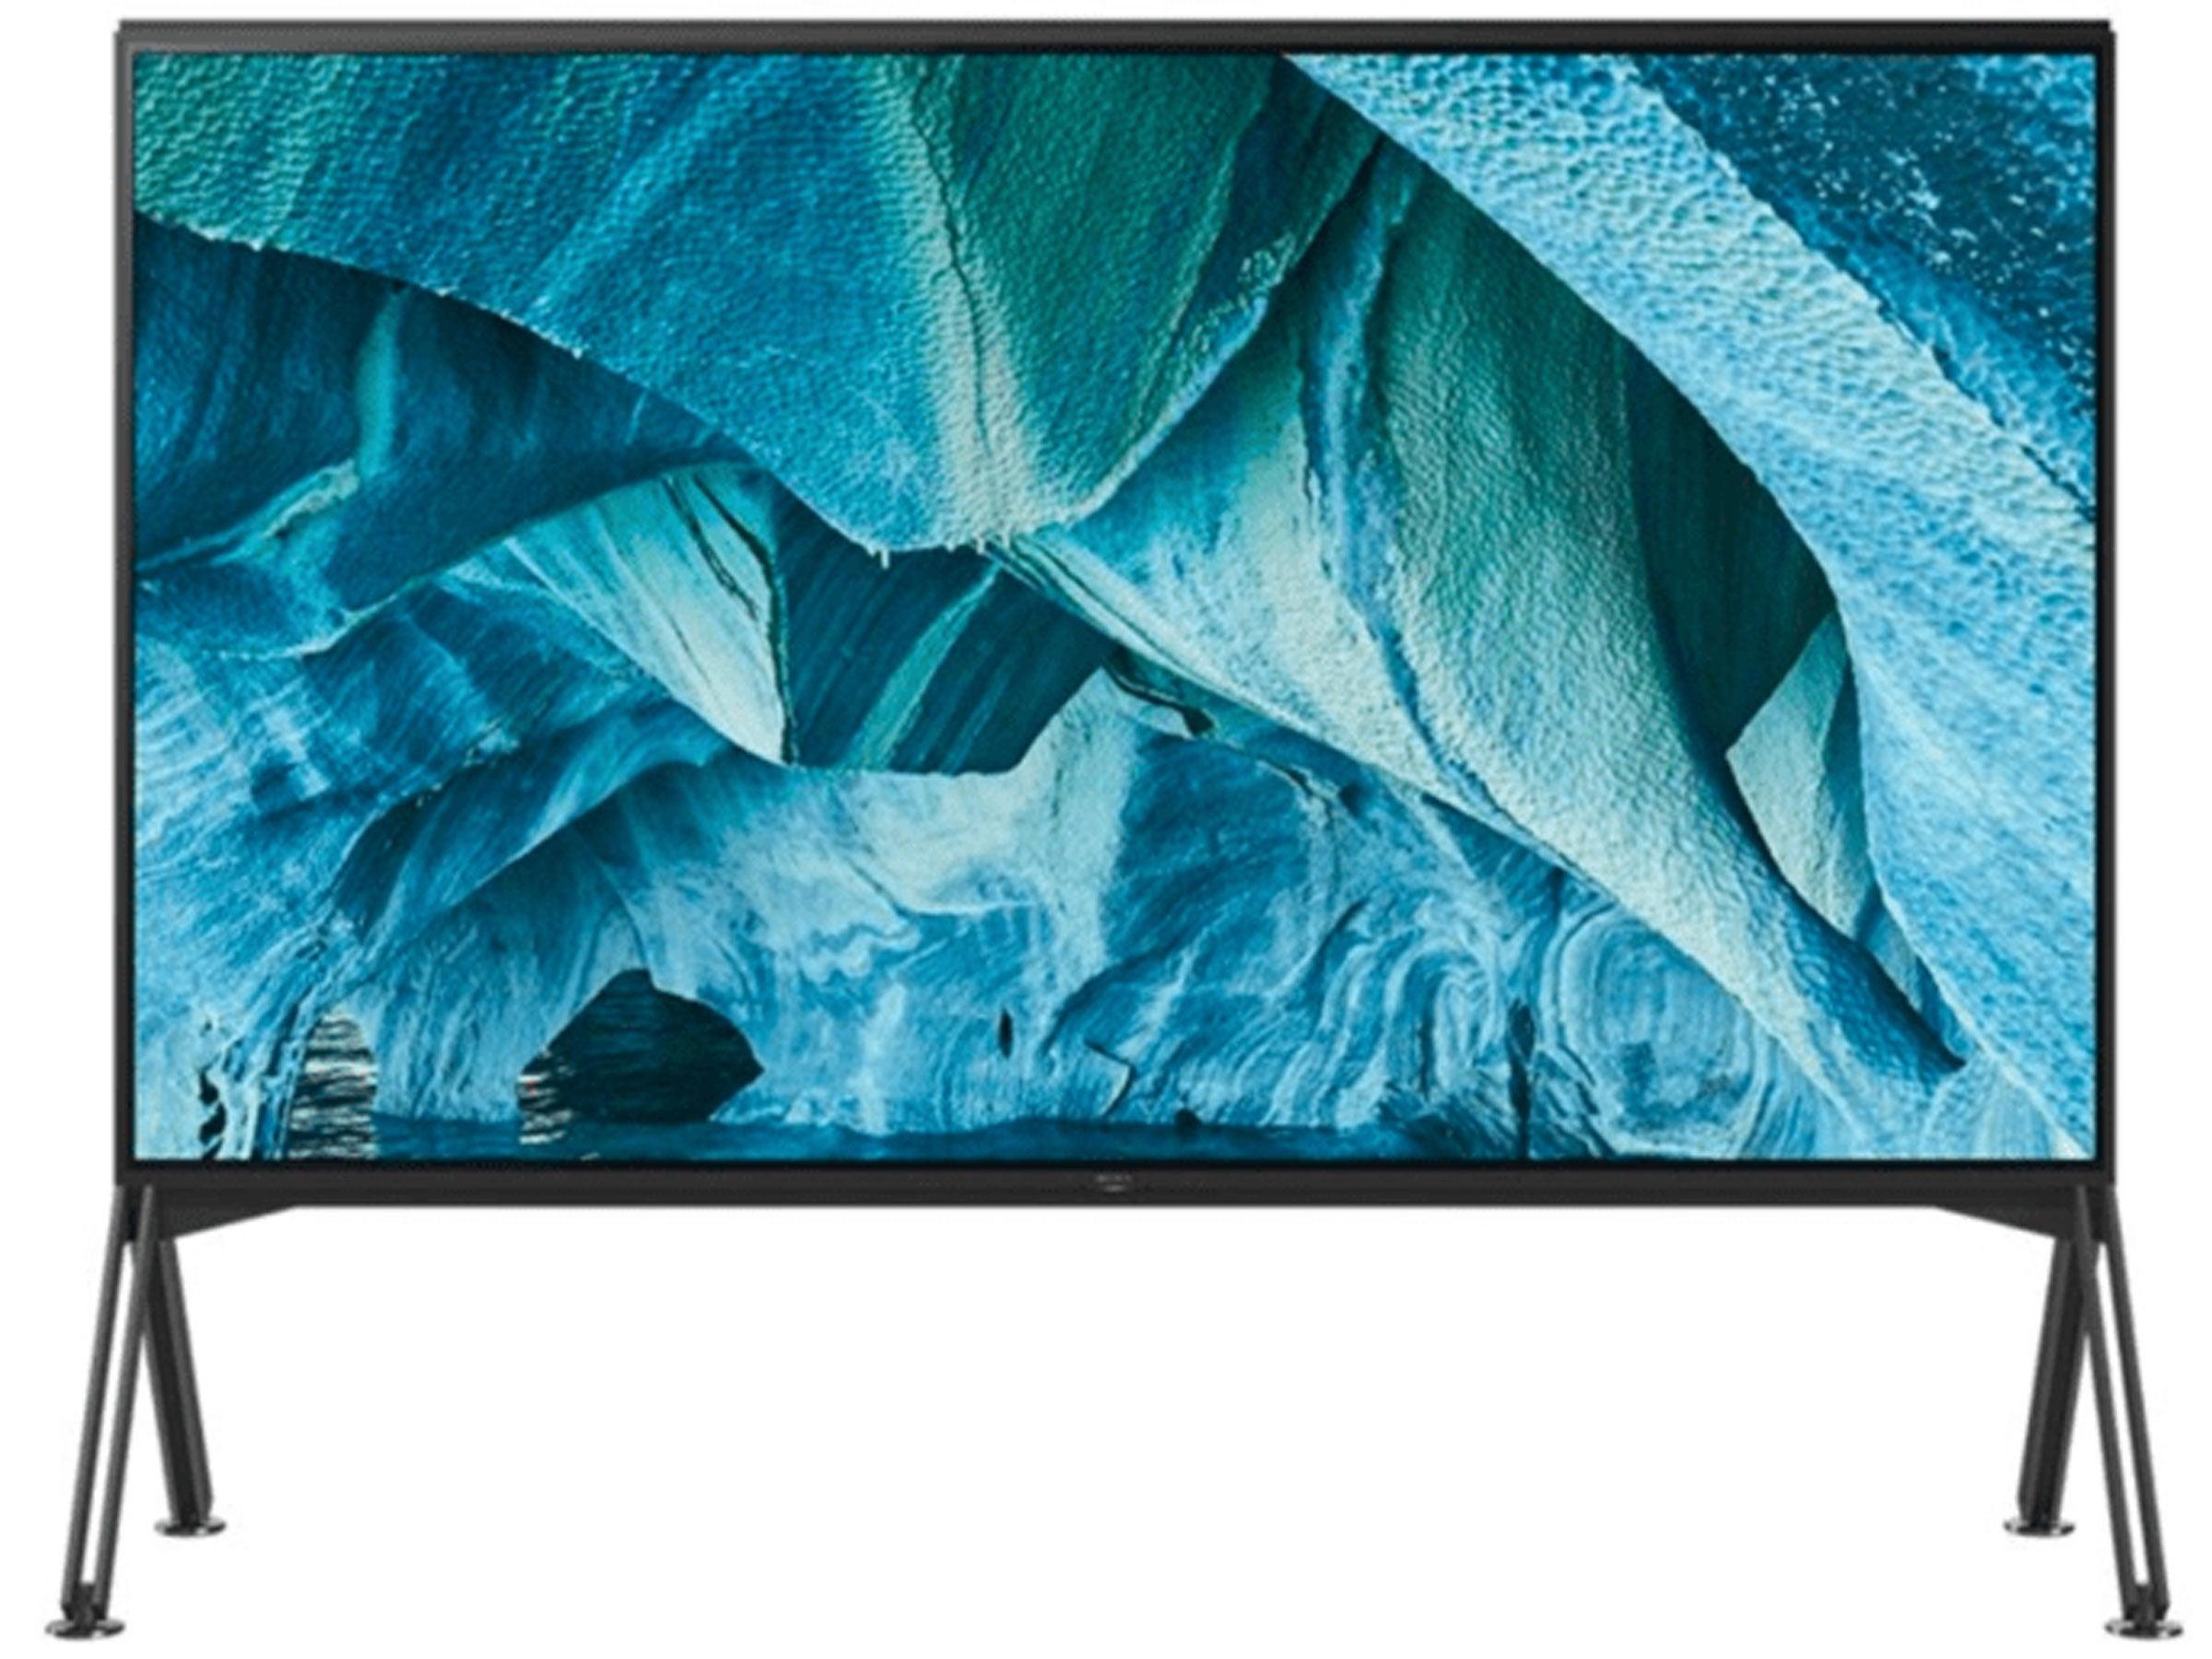 Sony-Fernseher mit 98 Zoll für 80.000 Euro